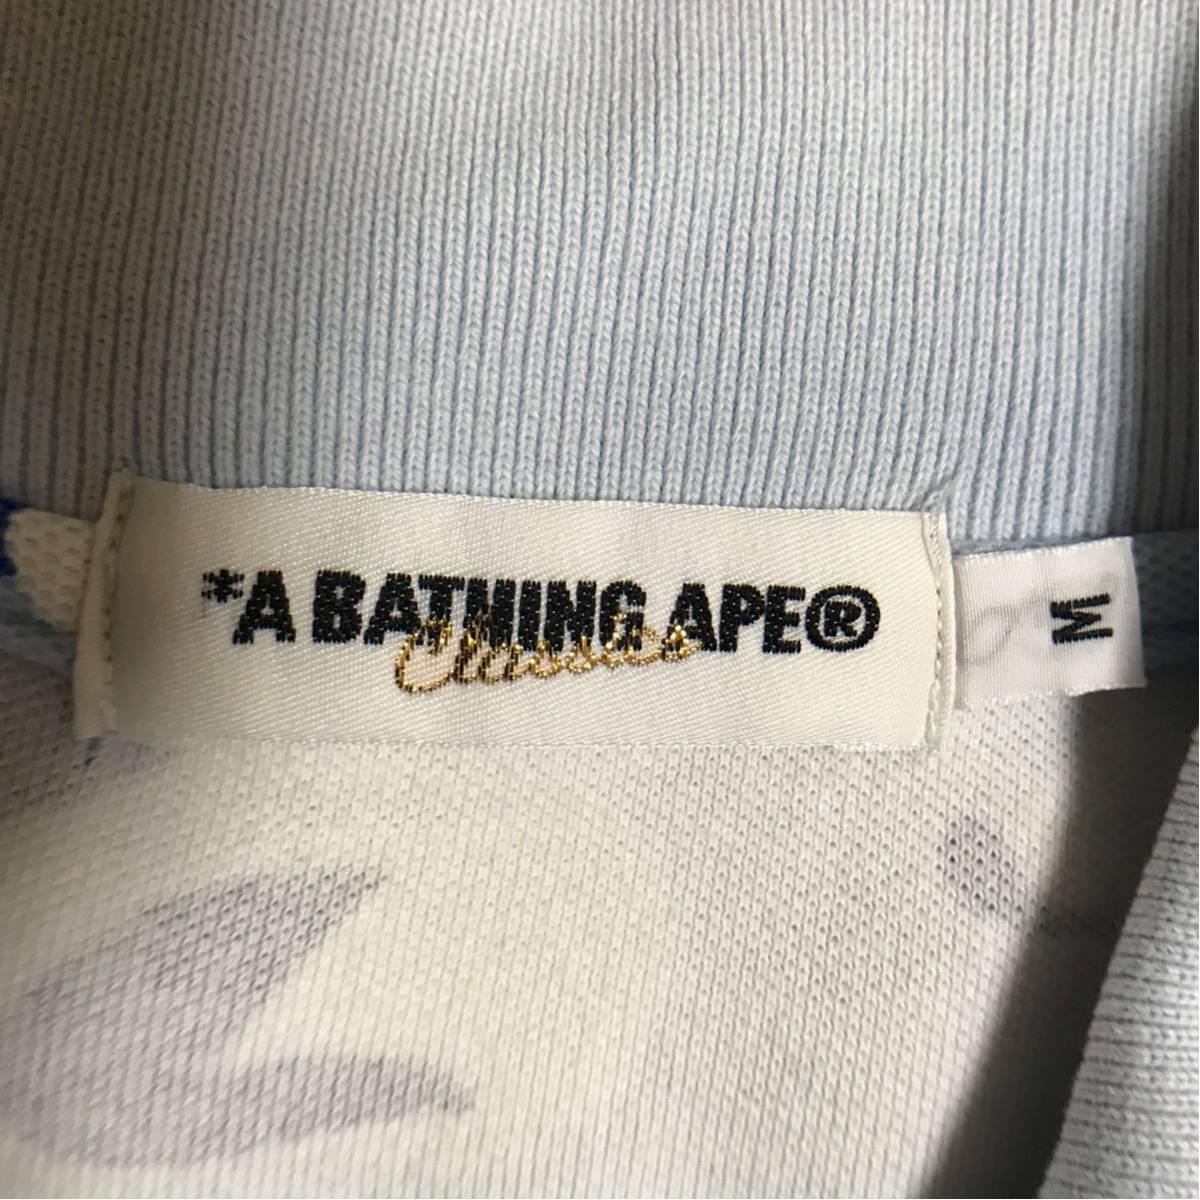 ★名古屋限定★ nagoya city camo ポロシャツ M a bathing ape bape エイプ ベイプ アベイシングエイプ 都市限定 店舗限定 カモフラ 迷彩